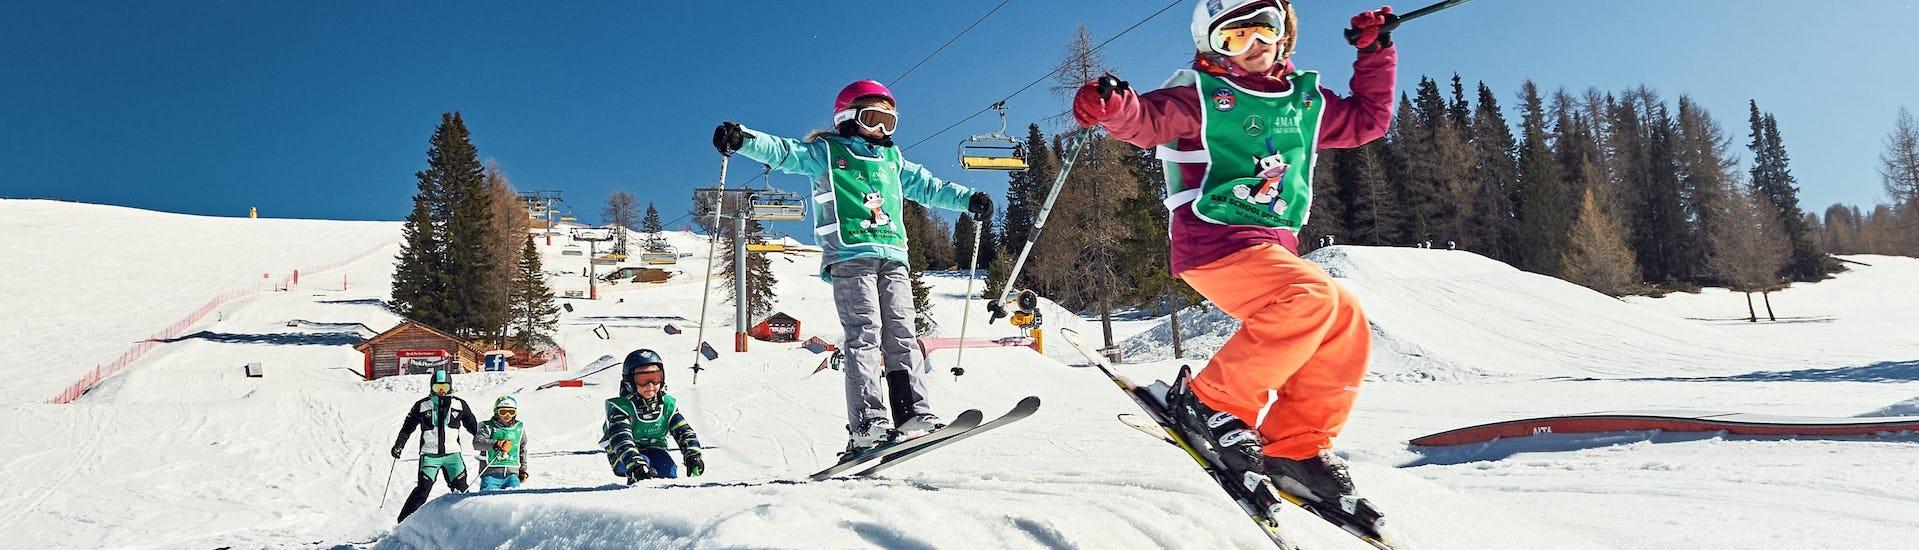 Skikurs für Kinder (4-12 Jahre) - Feiertage - Mit Erfahrung